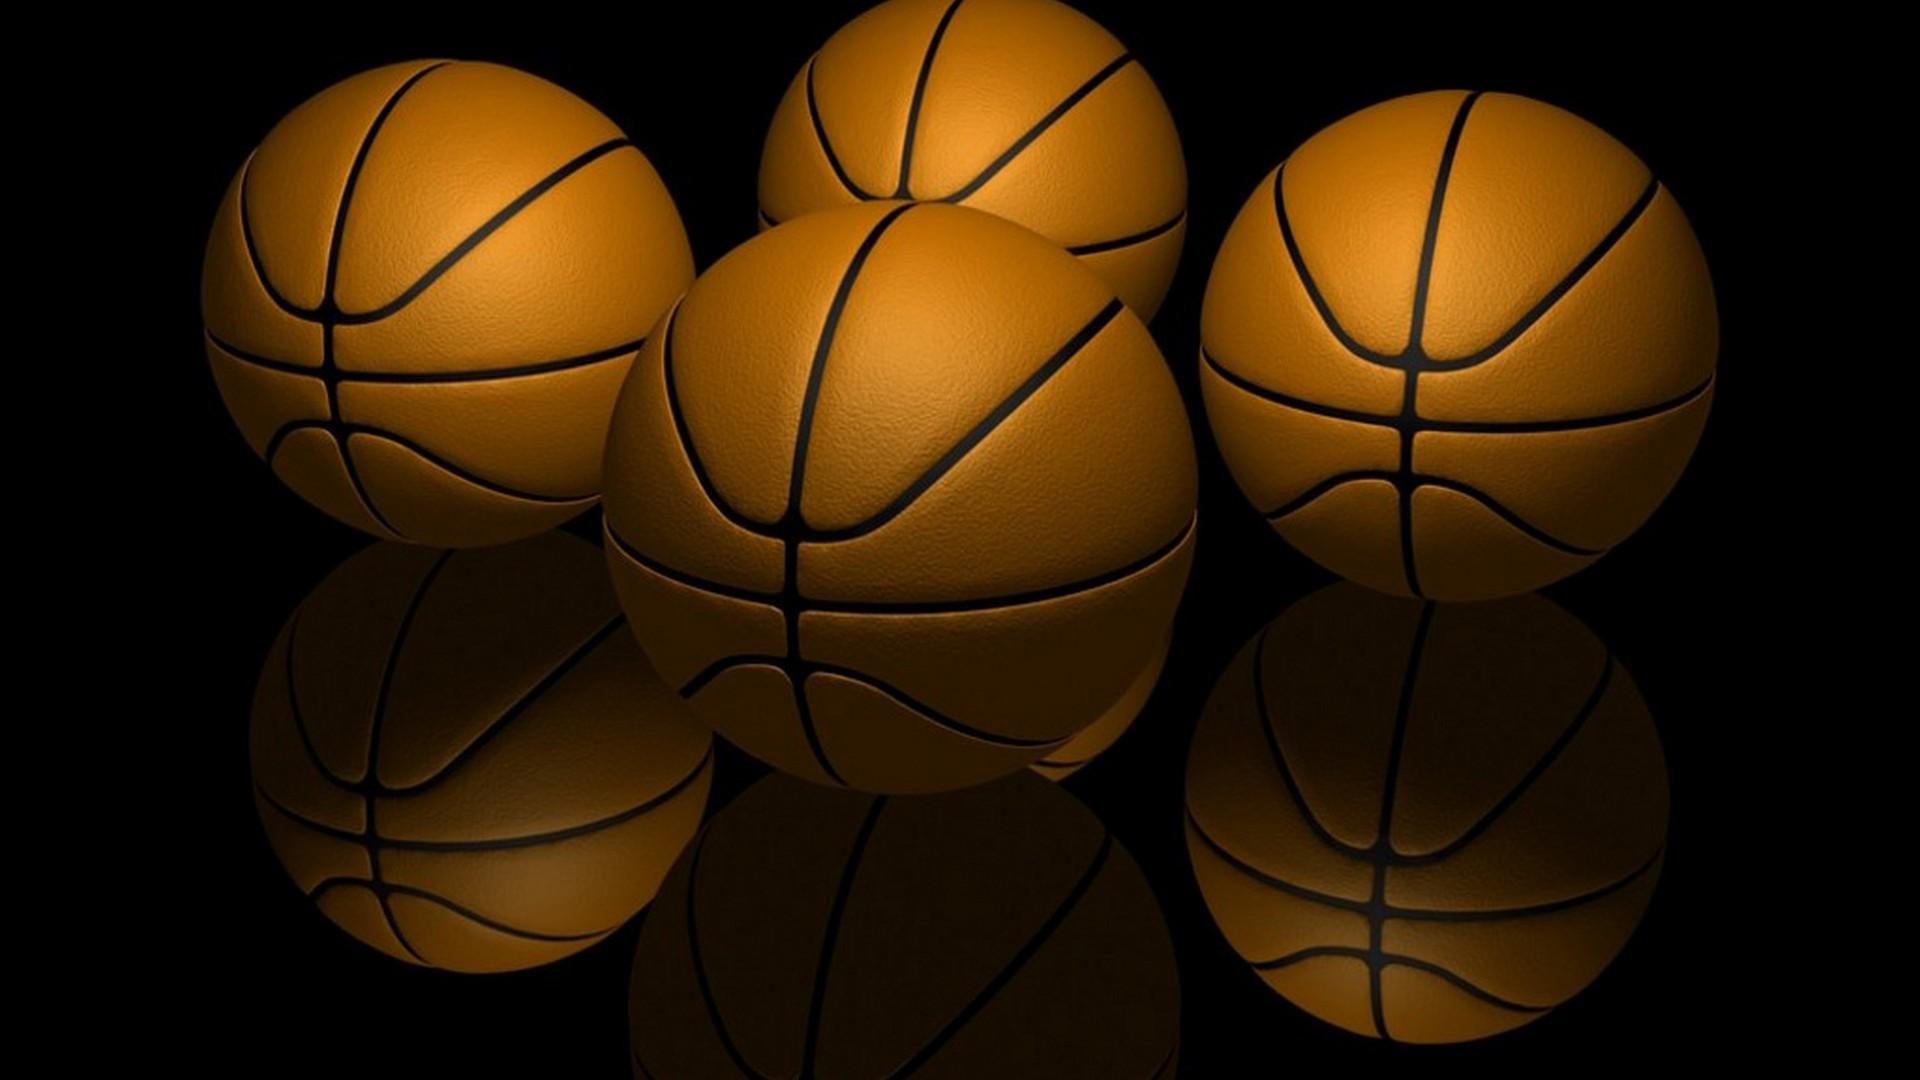 Basketball Games Desktop Wallpapers 2019 Basketball Wallpaper 1920x1080